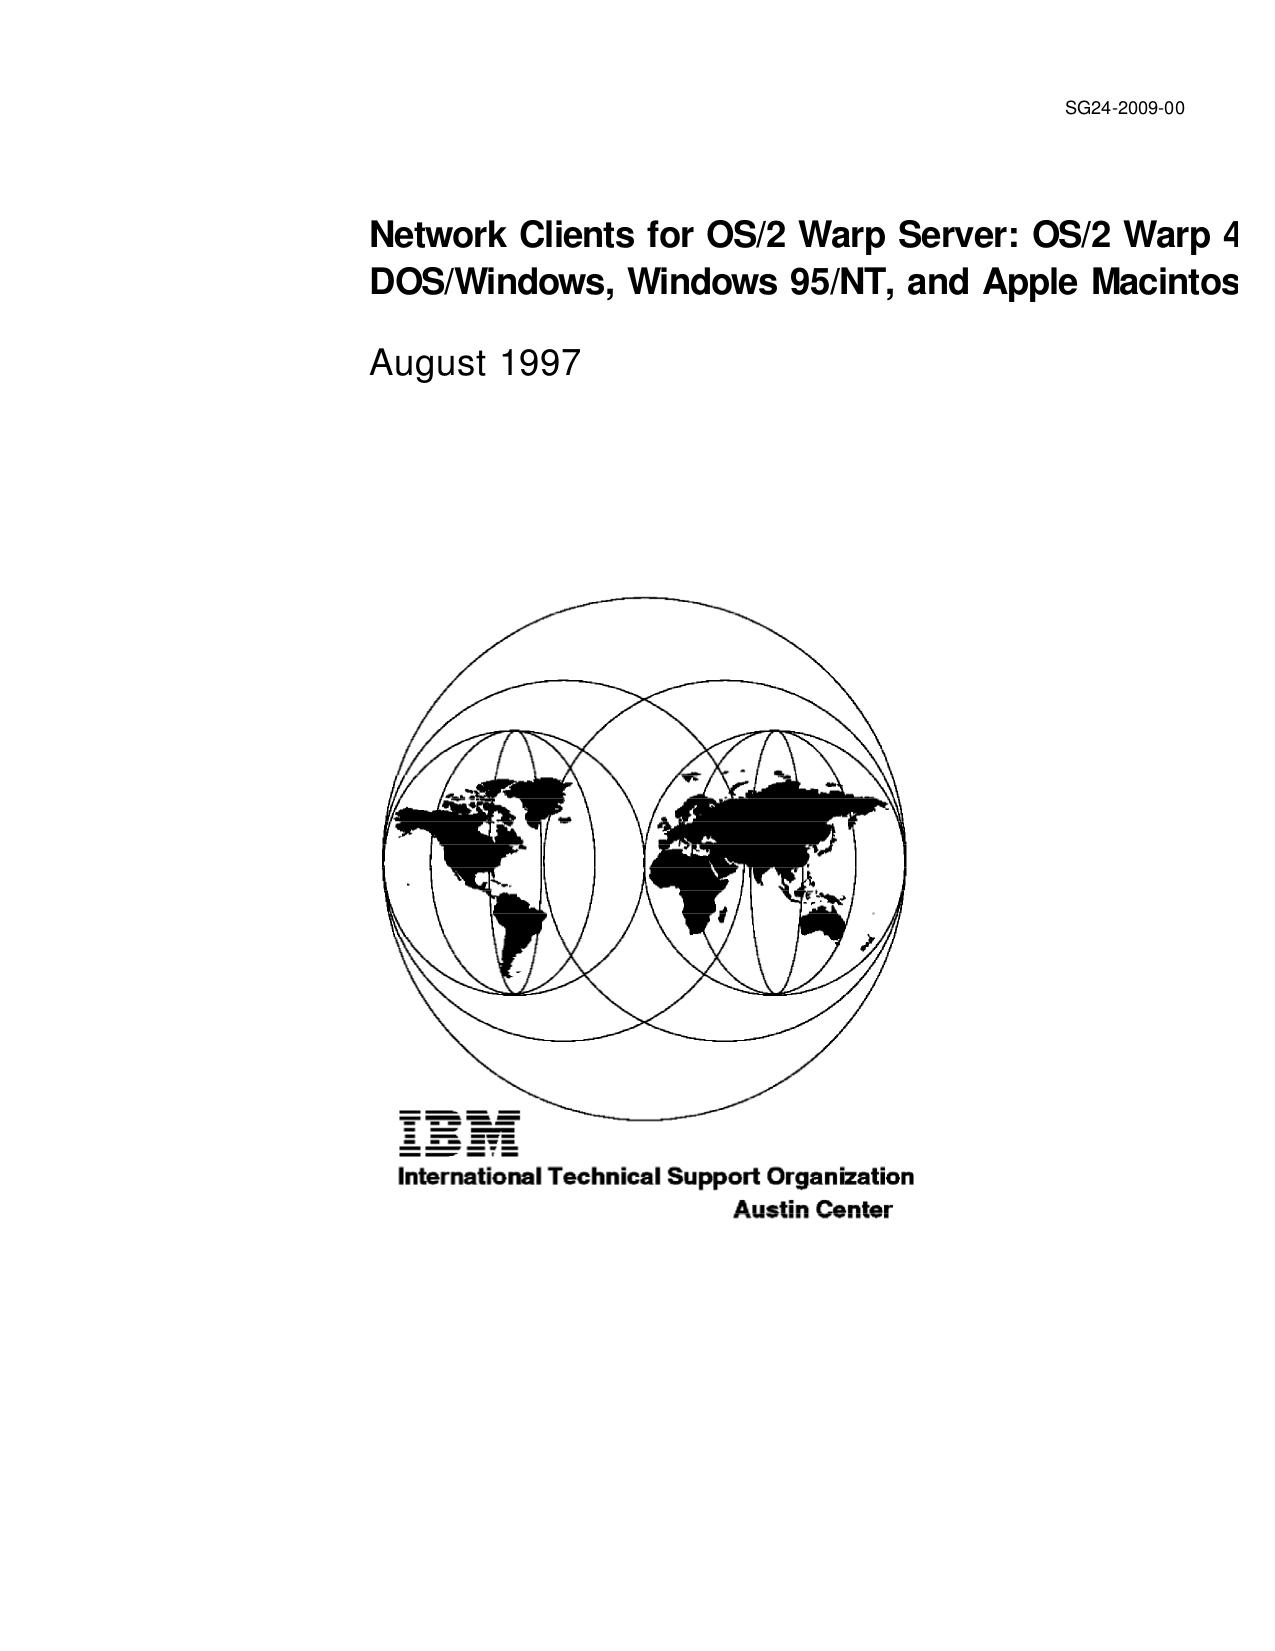 pdf for IBM Laptop ThinkPad i Series 1547 manual